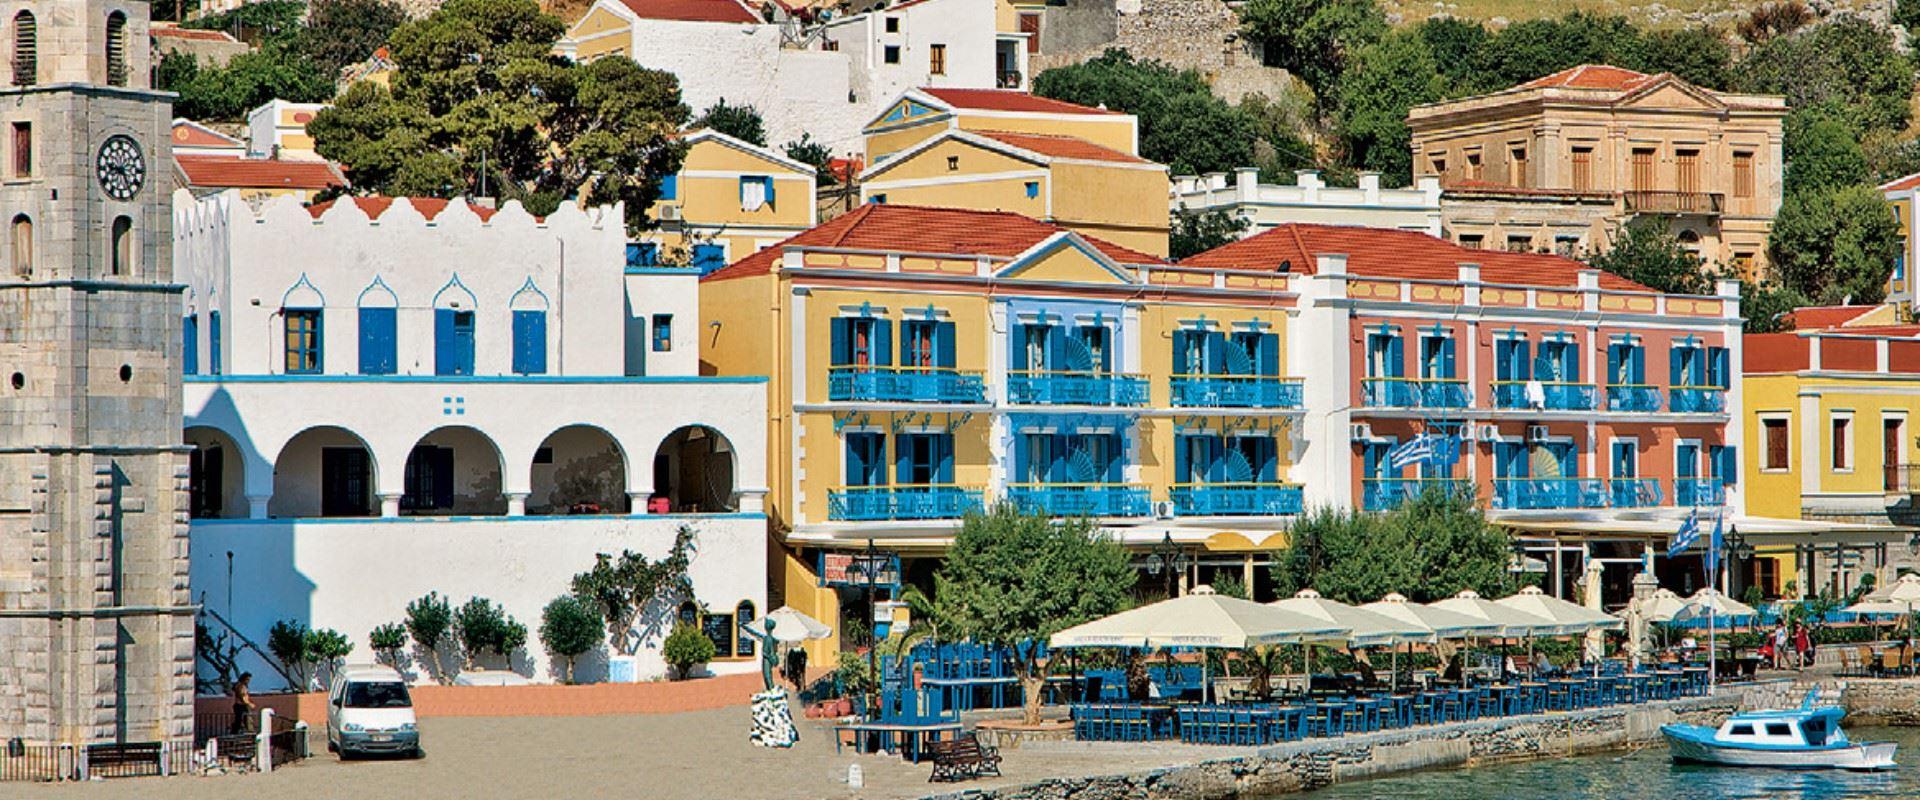 Nireus Hotel, Symi, Dodecanese Islands | Sunvil.co.uk